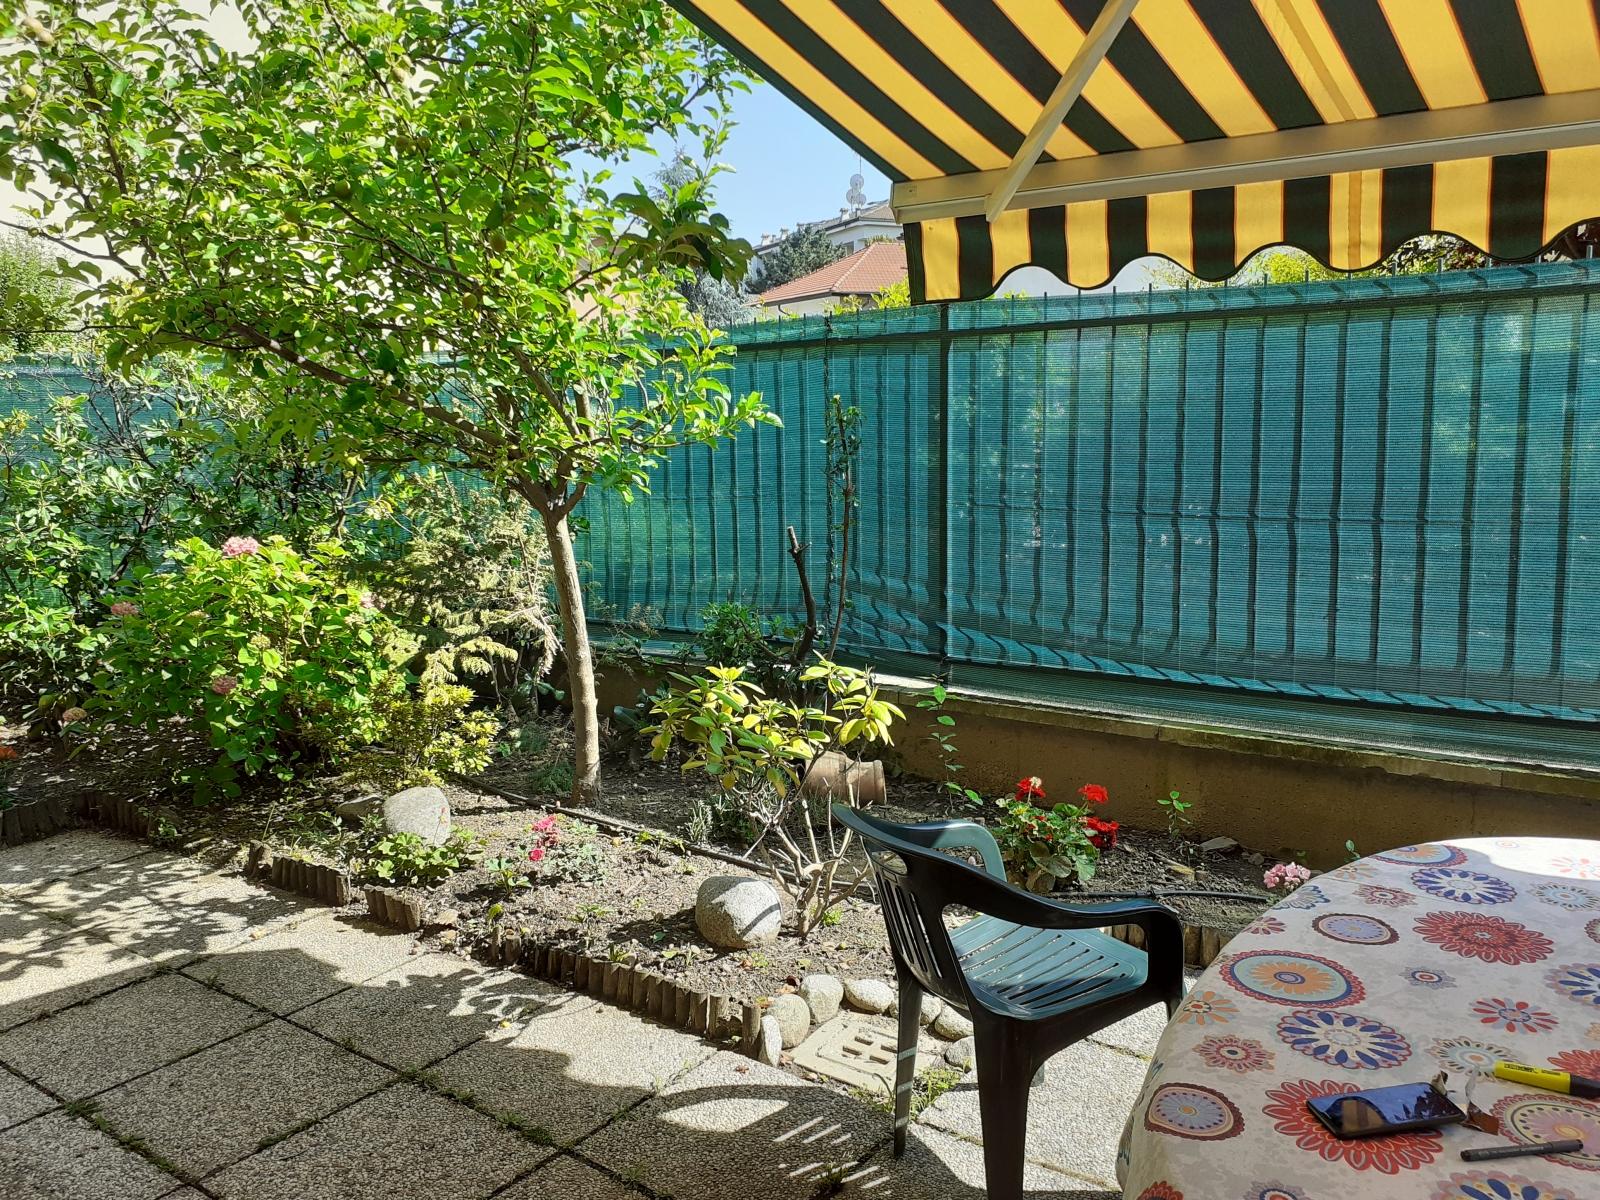 appartamento-in-vendita-cesano-boscone-milano-spaziourbano-immobiliare-vende-21